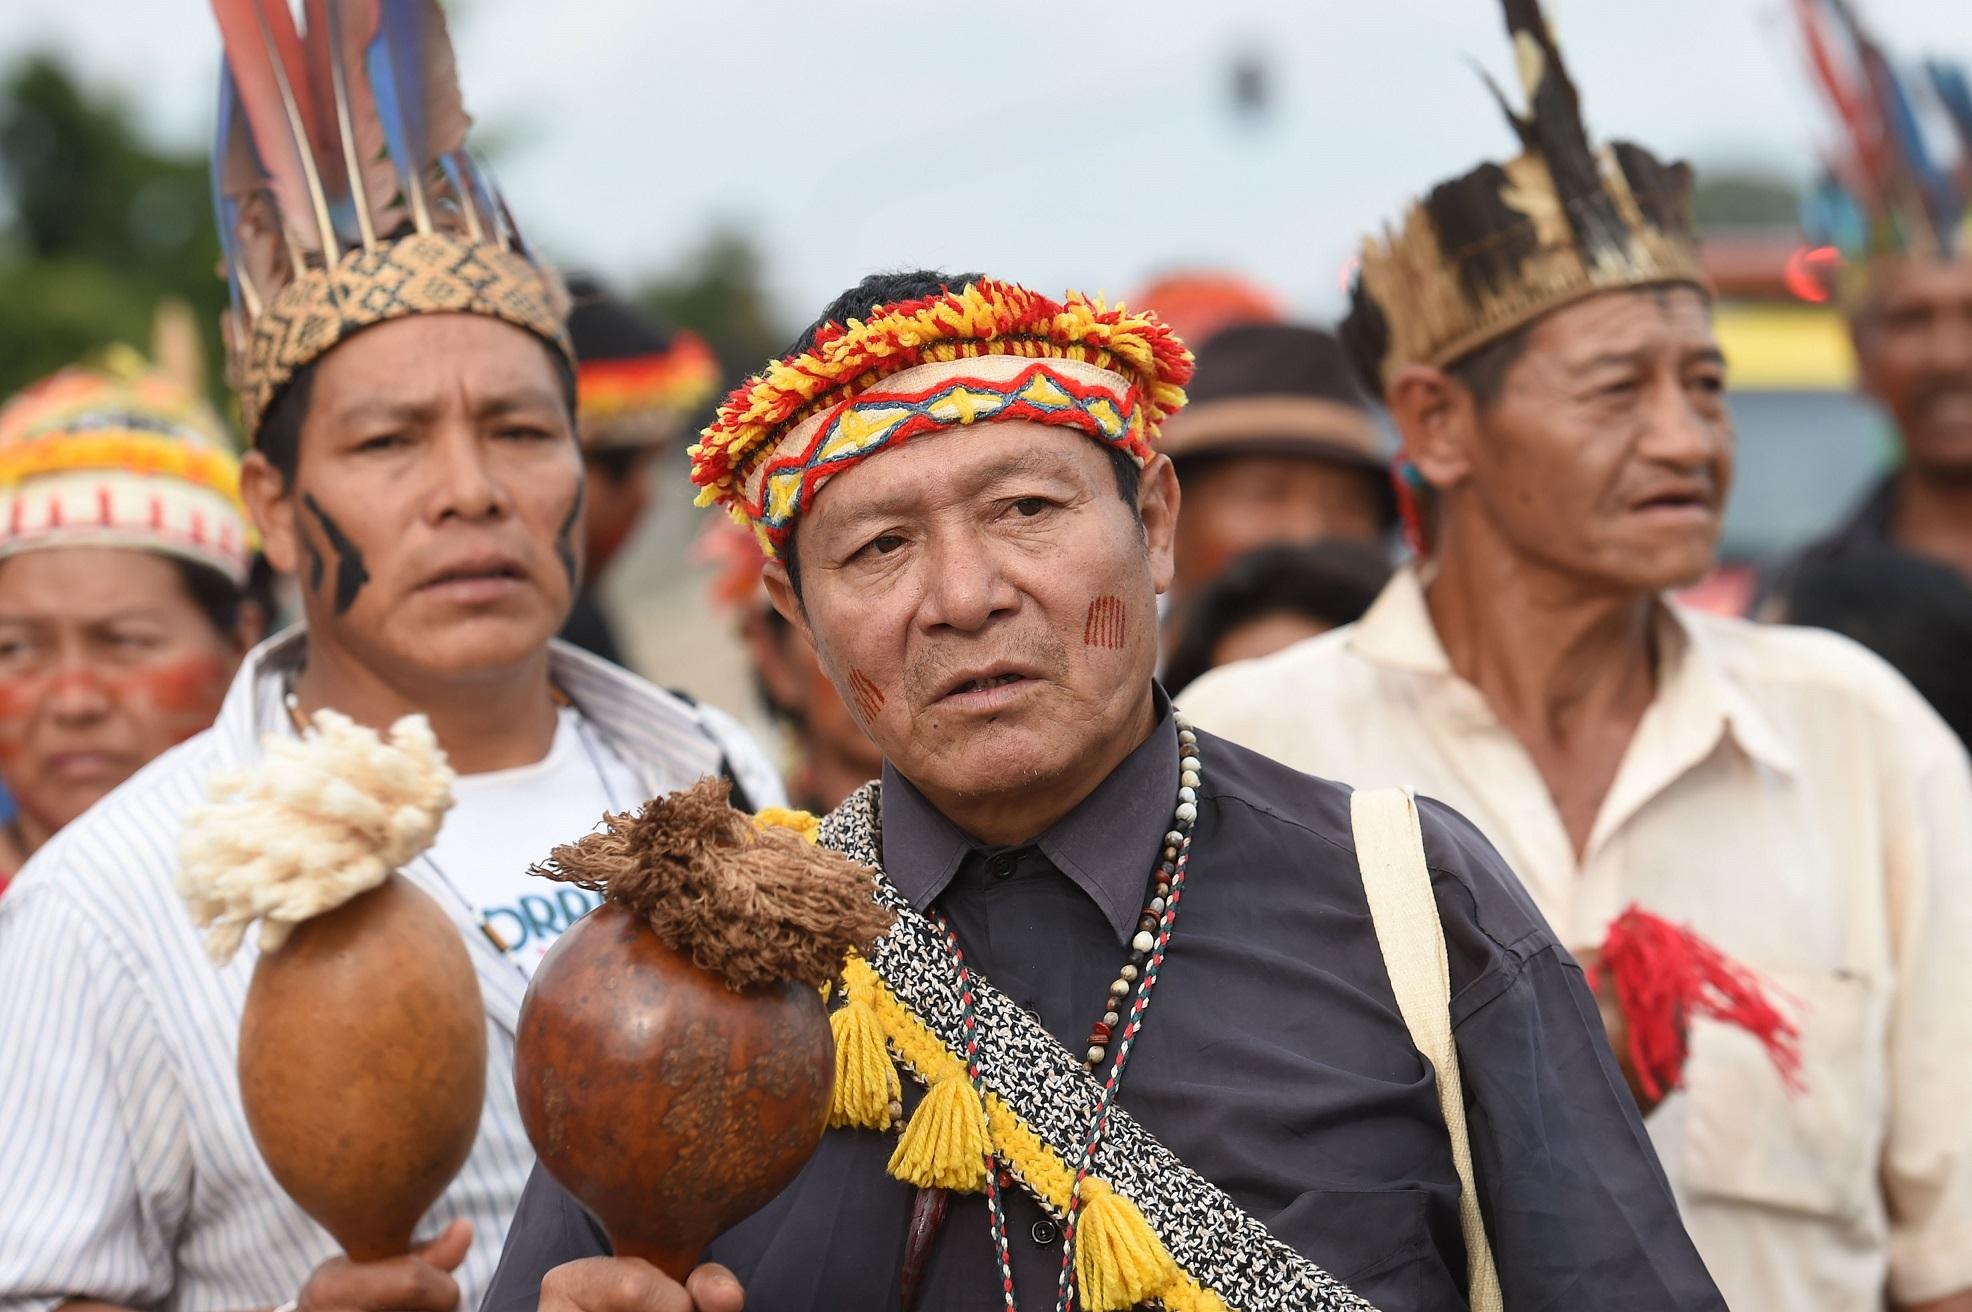 Índice de insegurança alimentar entre os Guarani Kaiowá é cinco vezes maior do que a do resto da população brasileira. Foto de Evaristo Sá/AFP